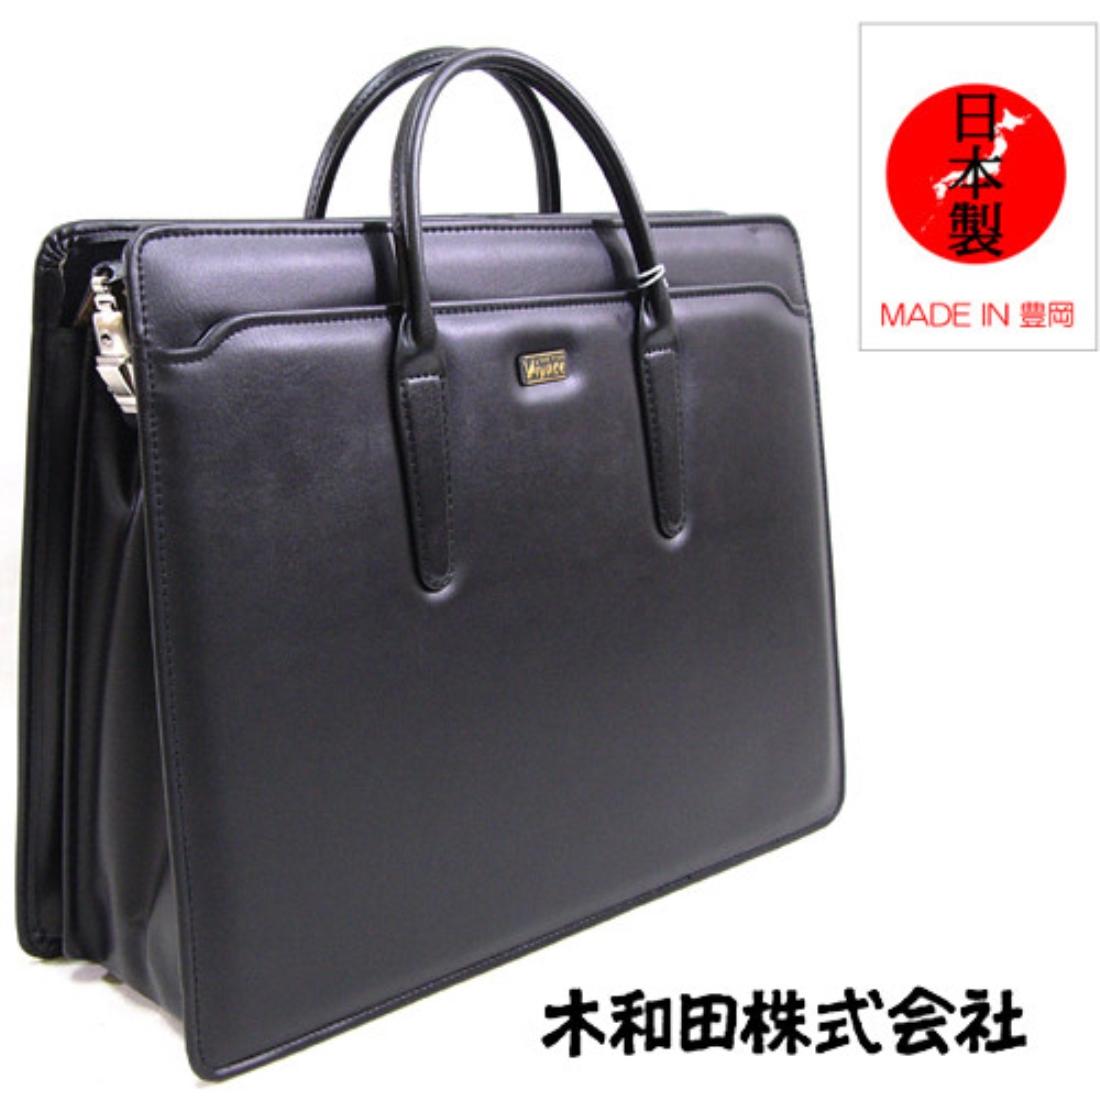 おしゃれ デザイン バッグ 日本 鞄 定番 ブリーフ ビジネス合皮ブリーフバッグ ブラック ビジネスバッグ 日本製